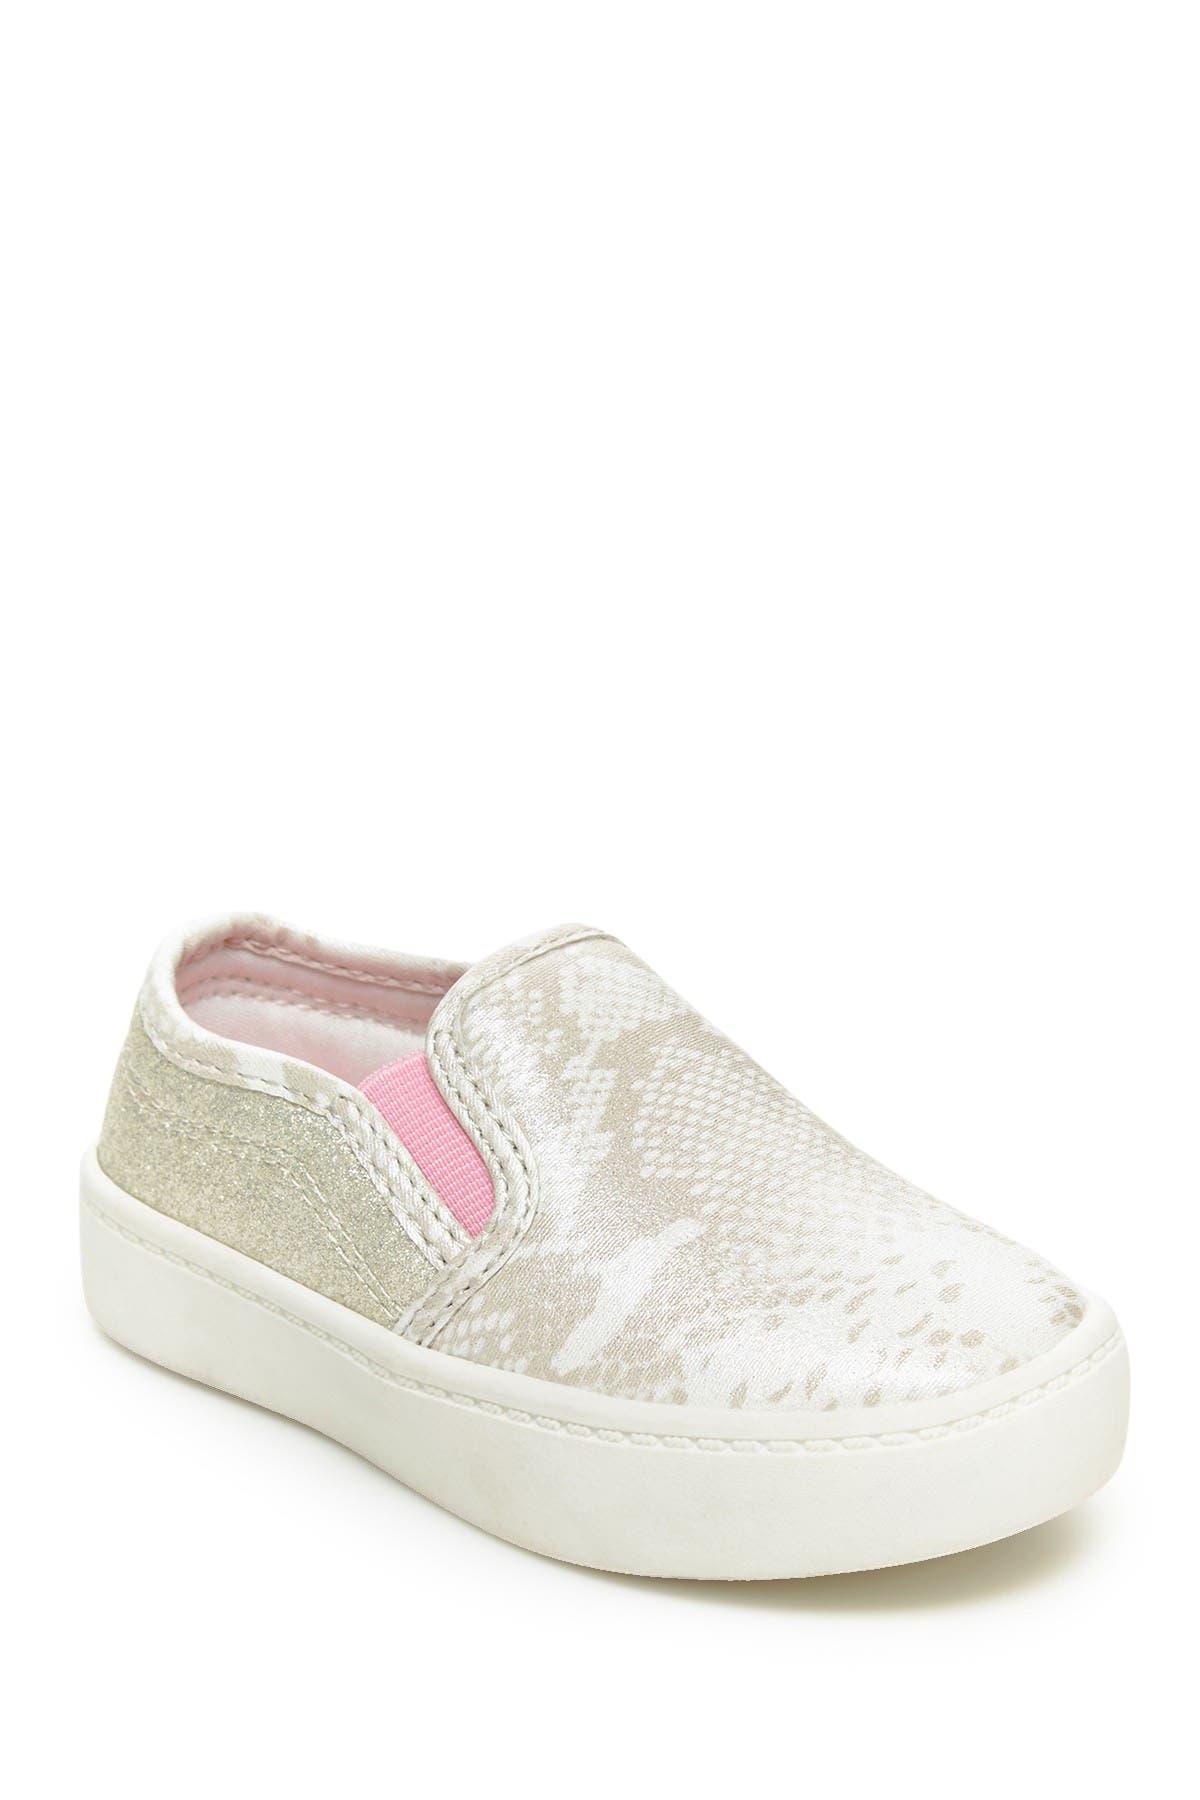 Image of Carter's Nettie Snake Embossed Slip-On Sneaker